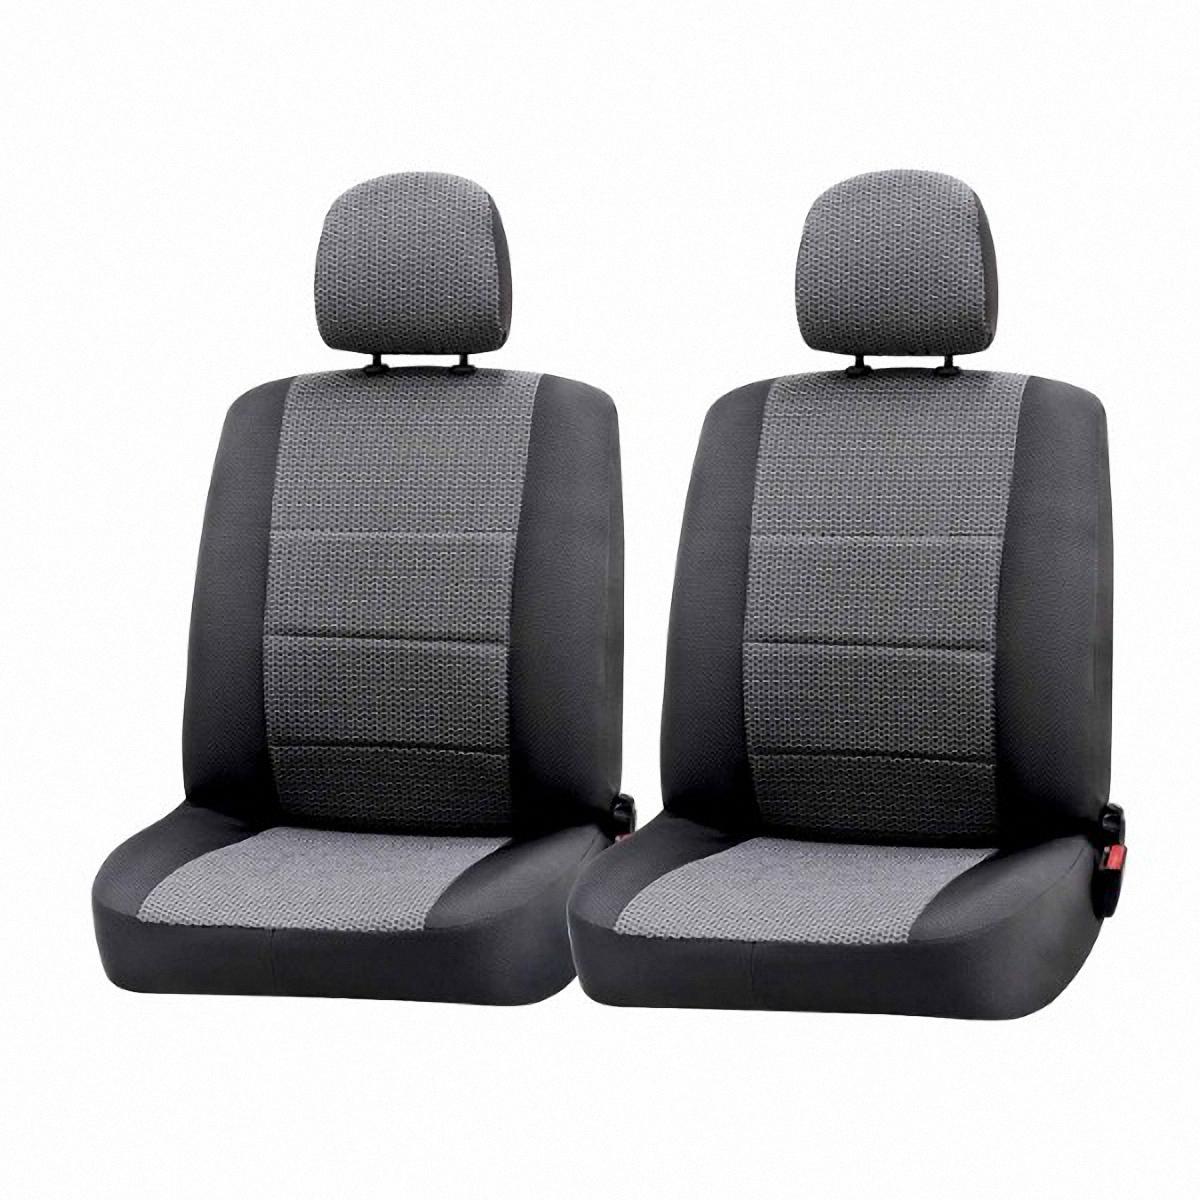 Чехлы автомобильные Skyway, для Volkswagen Polo 2010-, седанVw1-2Автомобильные чехлы Skyway изготовлены из качественного жаккарда. Чехлы идеально повторяют штатную форму сидений и выглядят как оригинальная обивка сидений. Разработаны индивидуально для каждой модели автомобиля. Авточехлы Skyway просты в уходе - загрязнения легко удаляются влажной тканью. Чехлы имеют раздельную схему надевания. В комплекте 13 предметов.